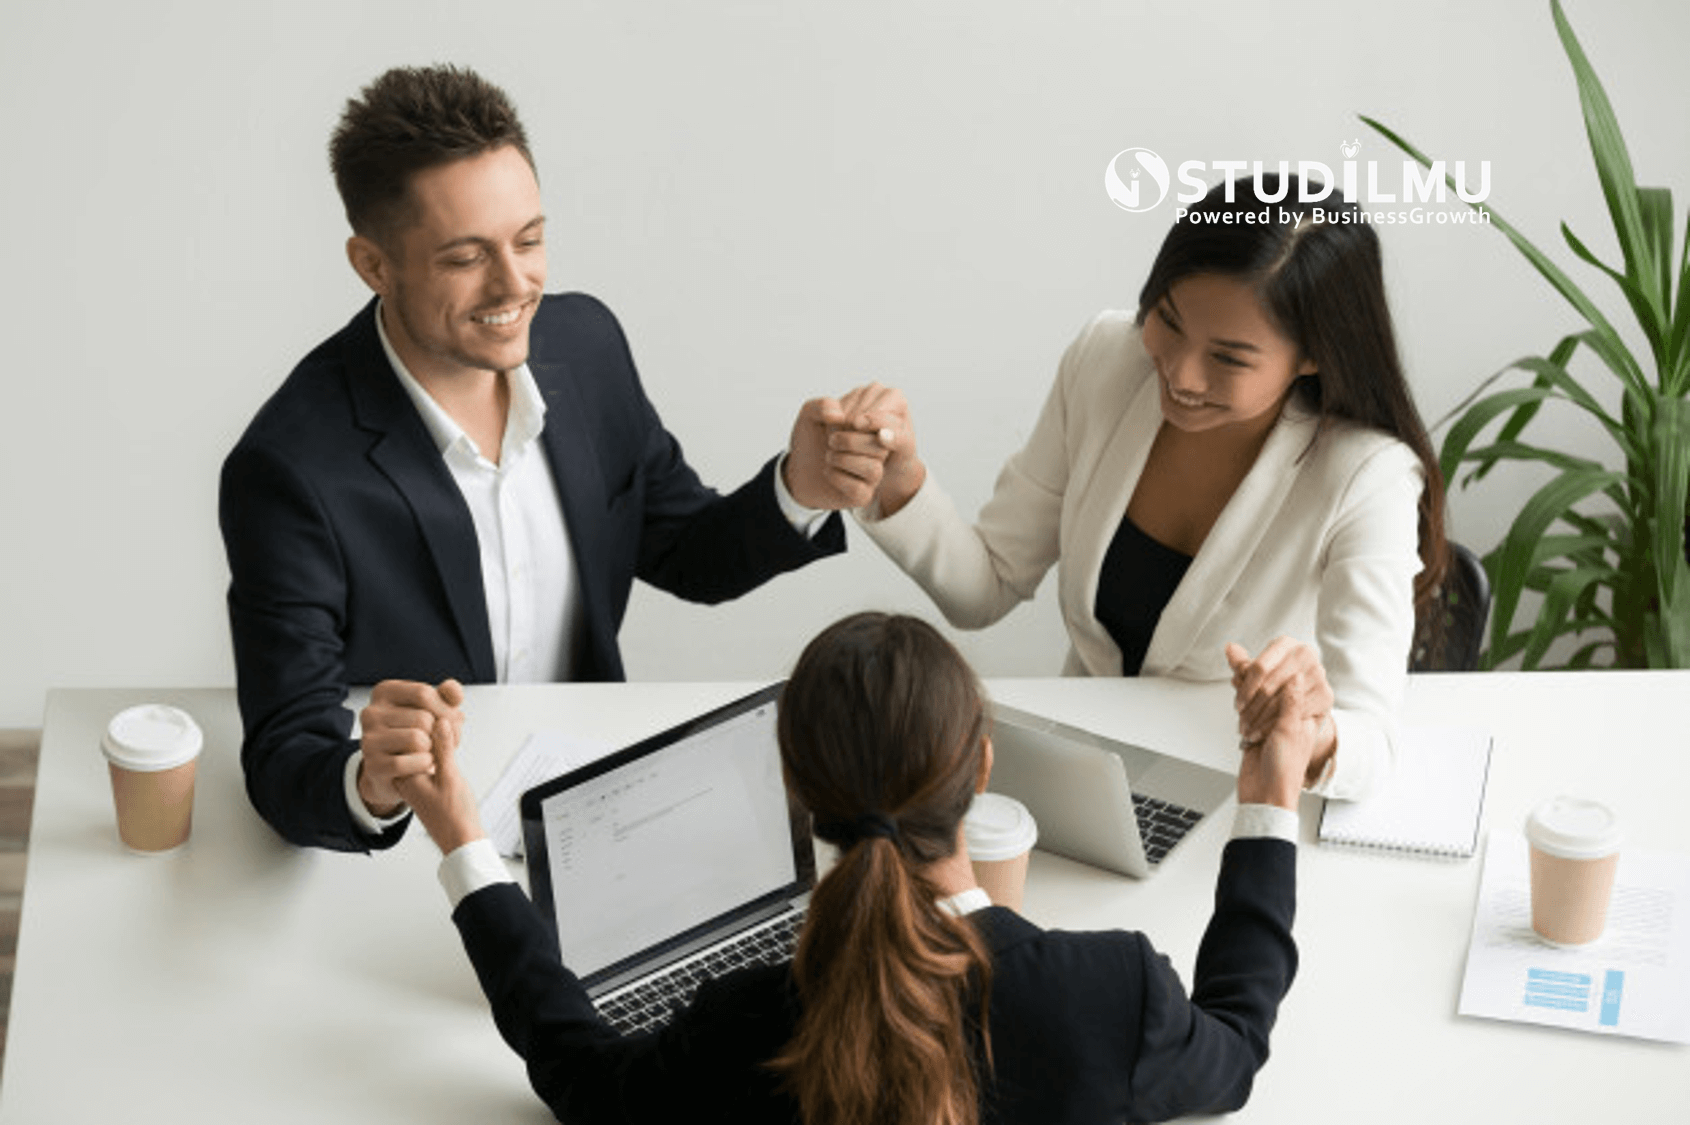 STUDILMU Career Advice - 5 Cara Efektif Mengajak Generasi Millennial Bekerja di Perusahaan Anda